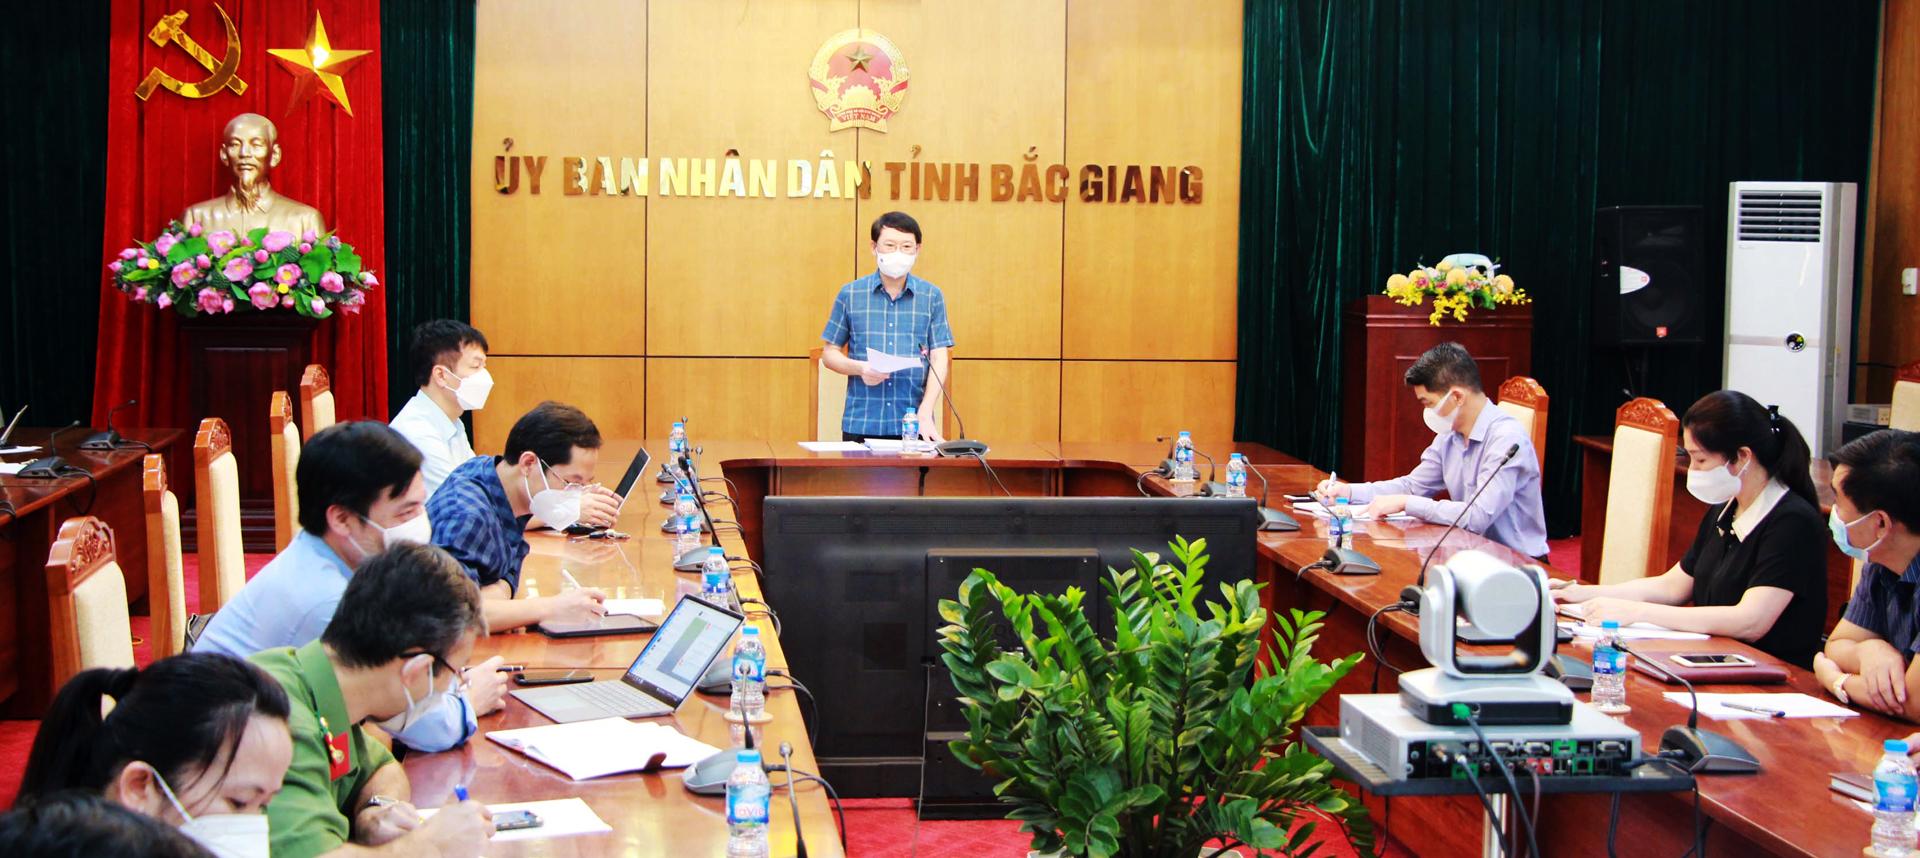 """Chủ tịch UBND tỉnh Lê Ánh Dương: """"Bắc Giang sẽ đóng góp cho cả nước về bài học ứng phó với dịch"""" - Ảnh 1."""